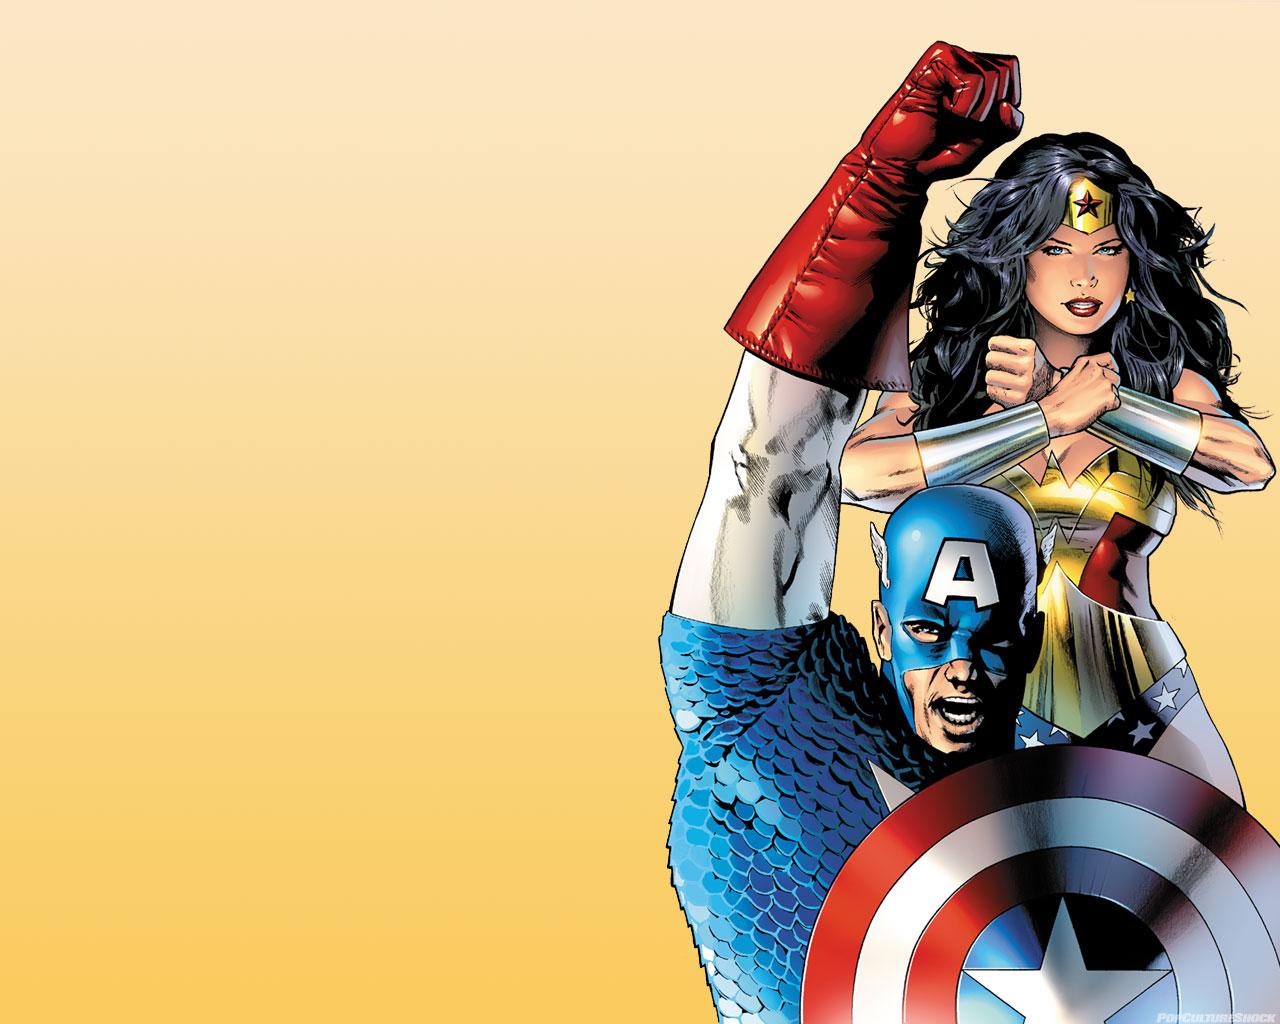 https://sledpress.files.wordpress.com/2011/08/captain-america-wonder-woman_2_.jpg